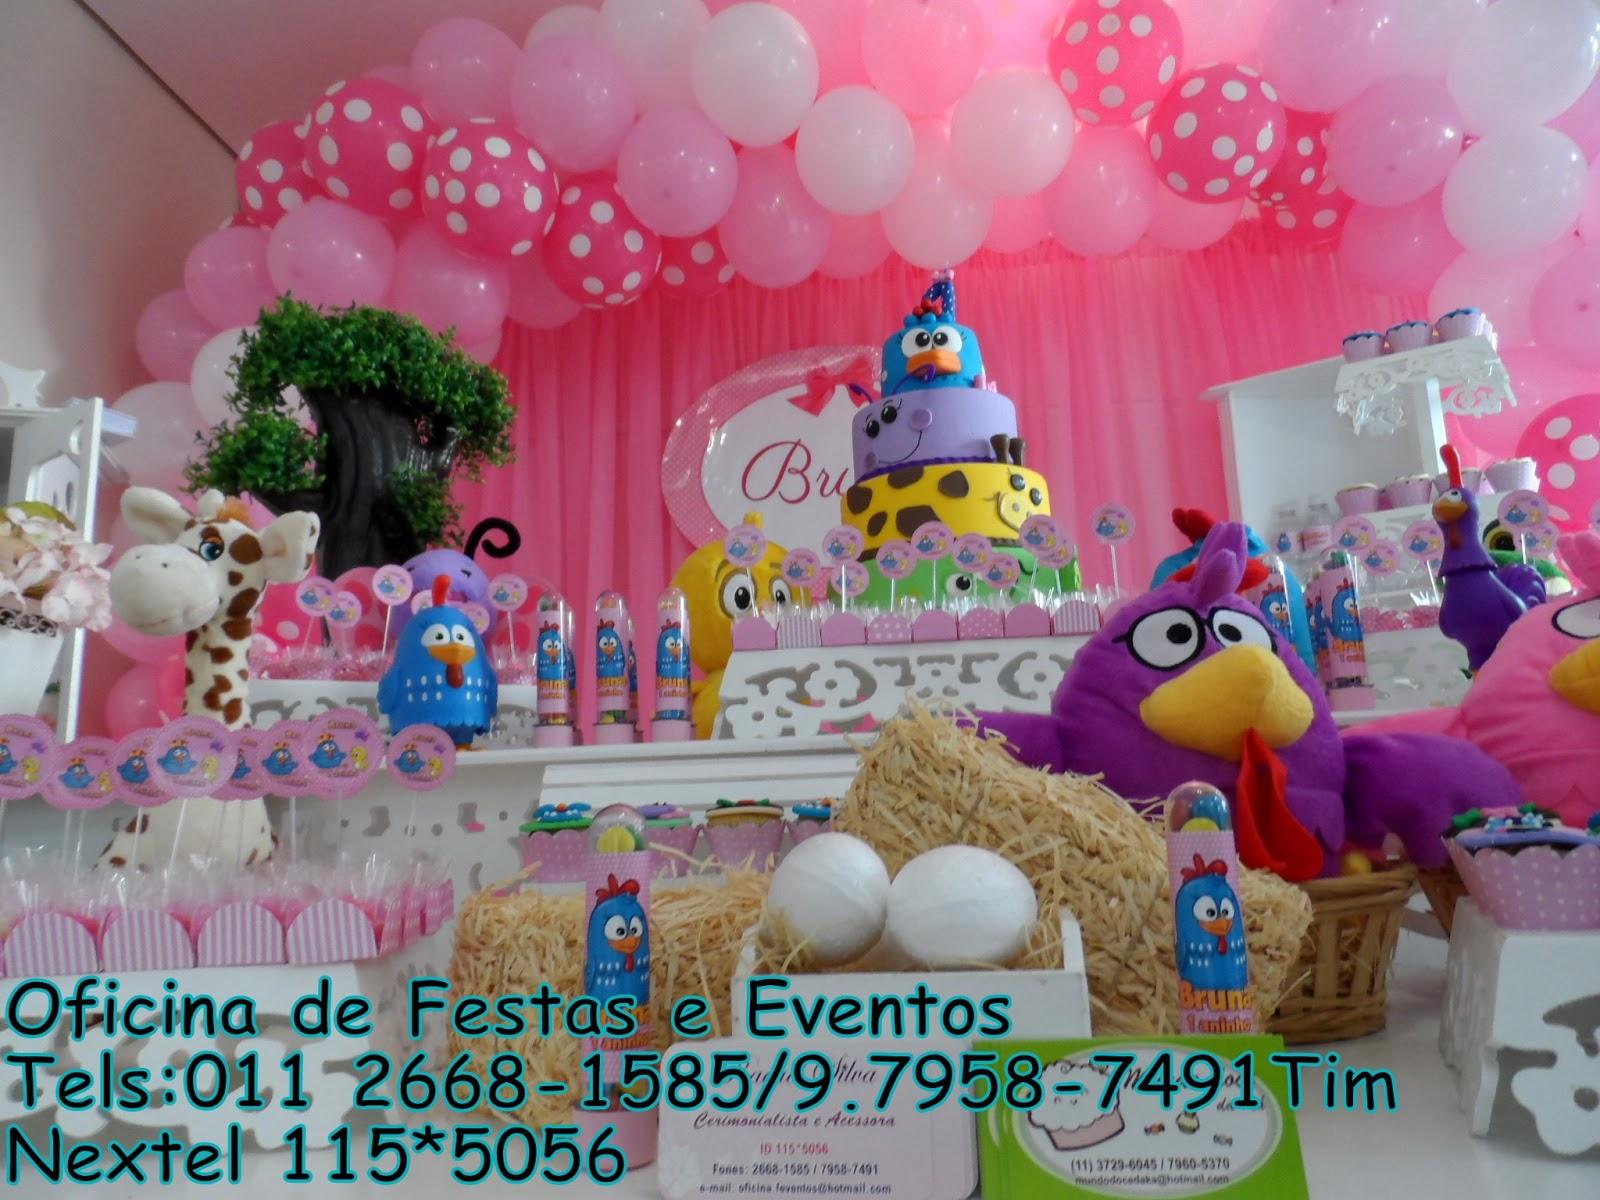 decoracao festa galinha pintadinha rosa:Oficina de Festas e Eventos: Galinha Pintadinha Rosa